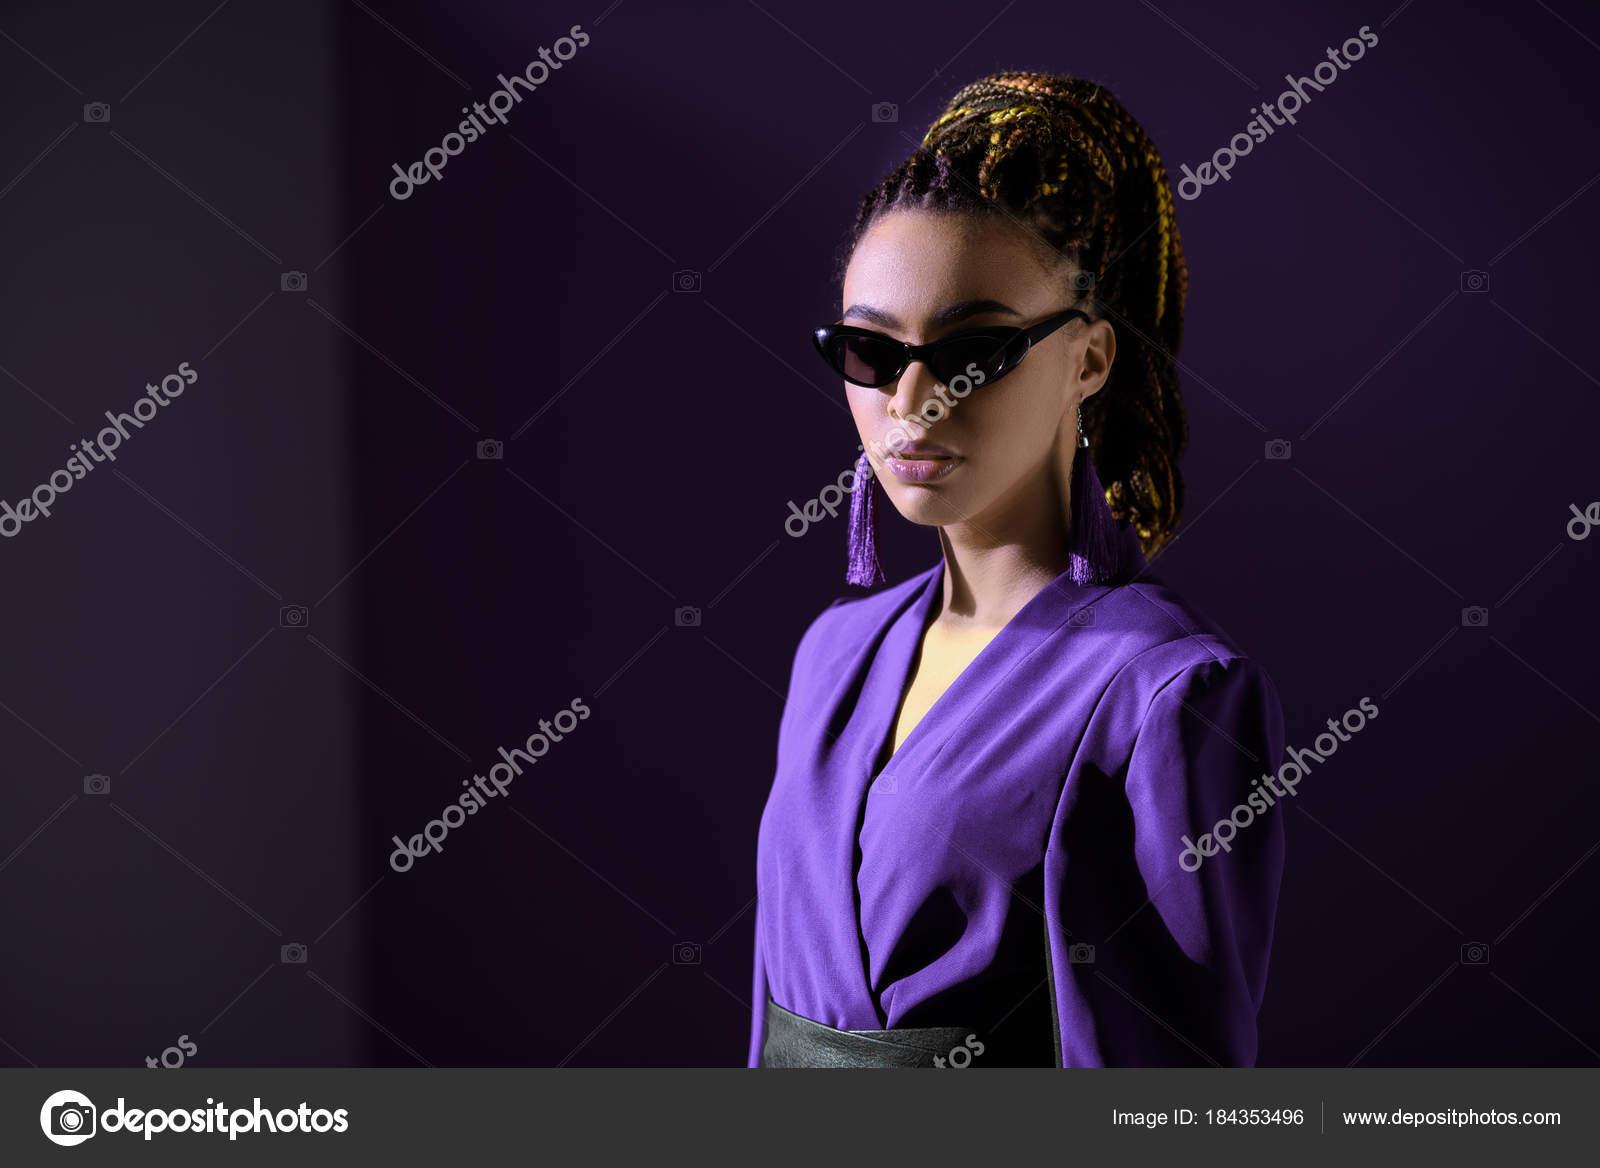 829cd61b0b Κομψό κορίτσι αφρικανική αμερικανική θέτοντας σε ultra violet μπουφάν και γυαλιά  ηλίου — Εικόνα από ...